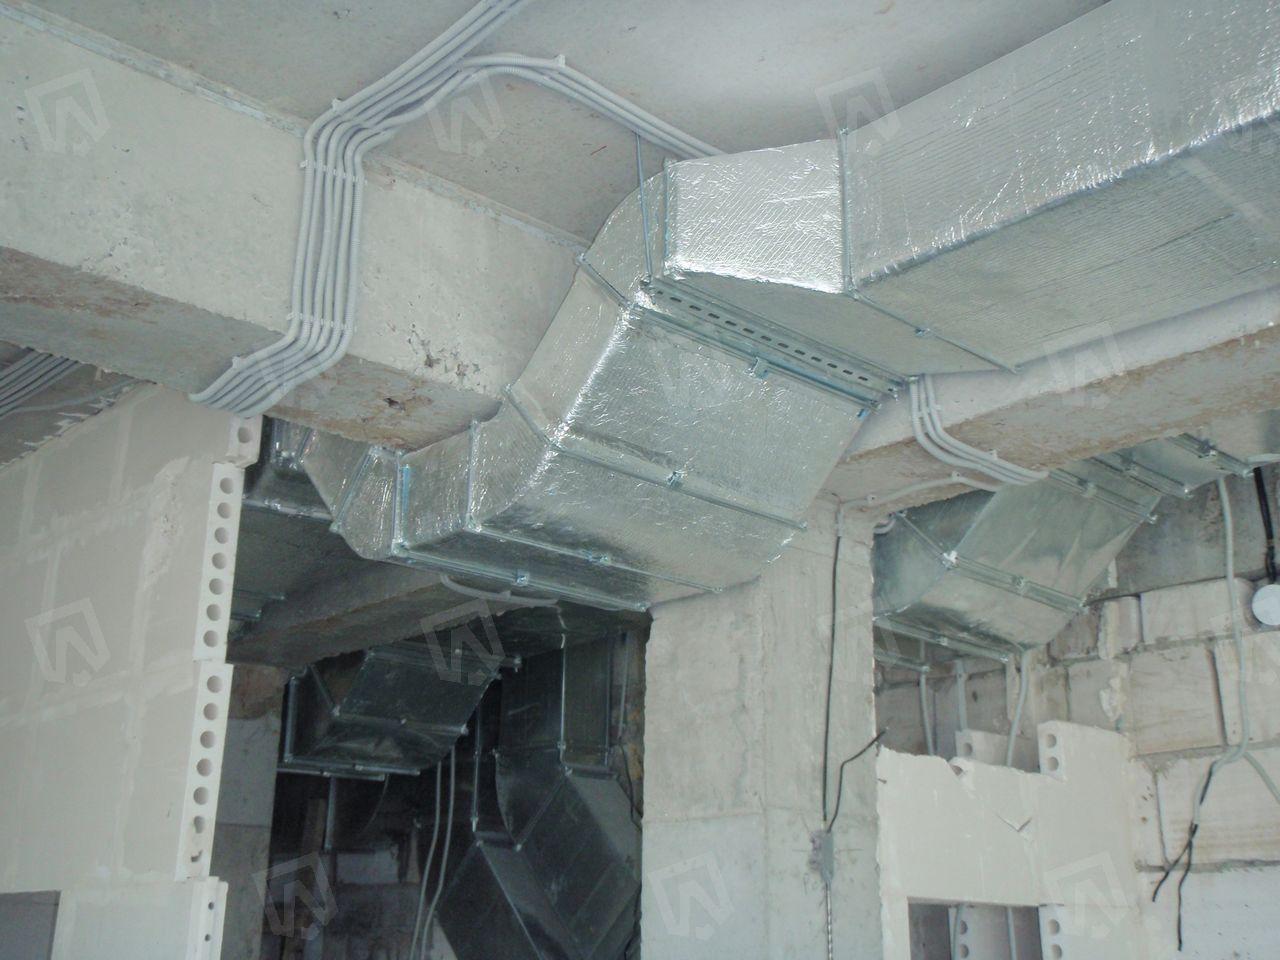 Каждый сантиметр высоты потолка играет большую роль. Поэтому в месте обхода воздуховодами ригеля мы изменяем высоту воздуховода на минимально допустимую